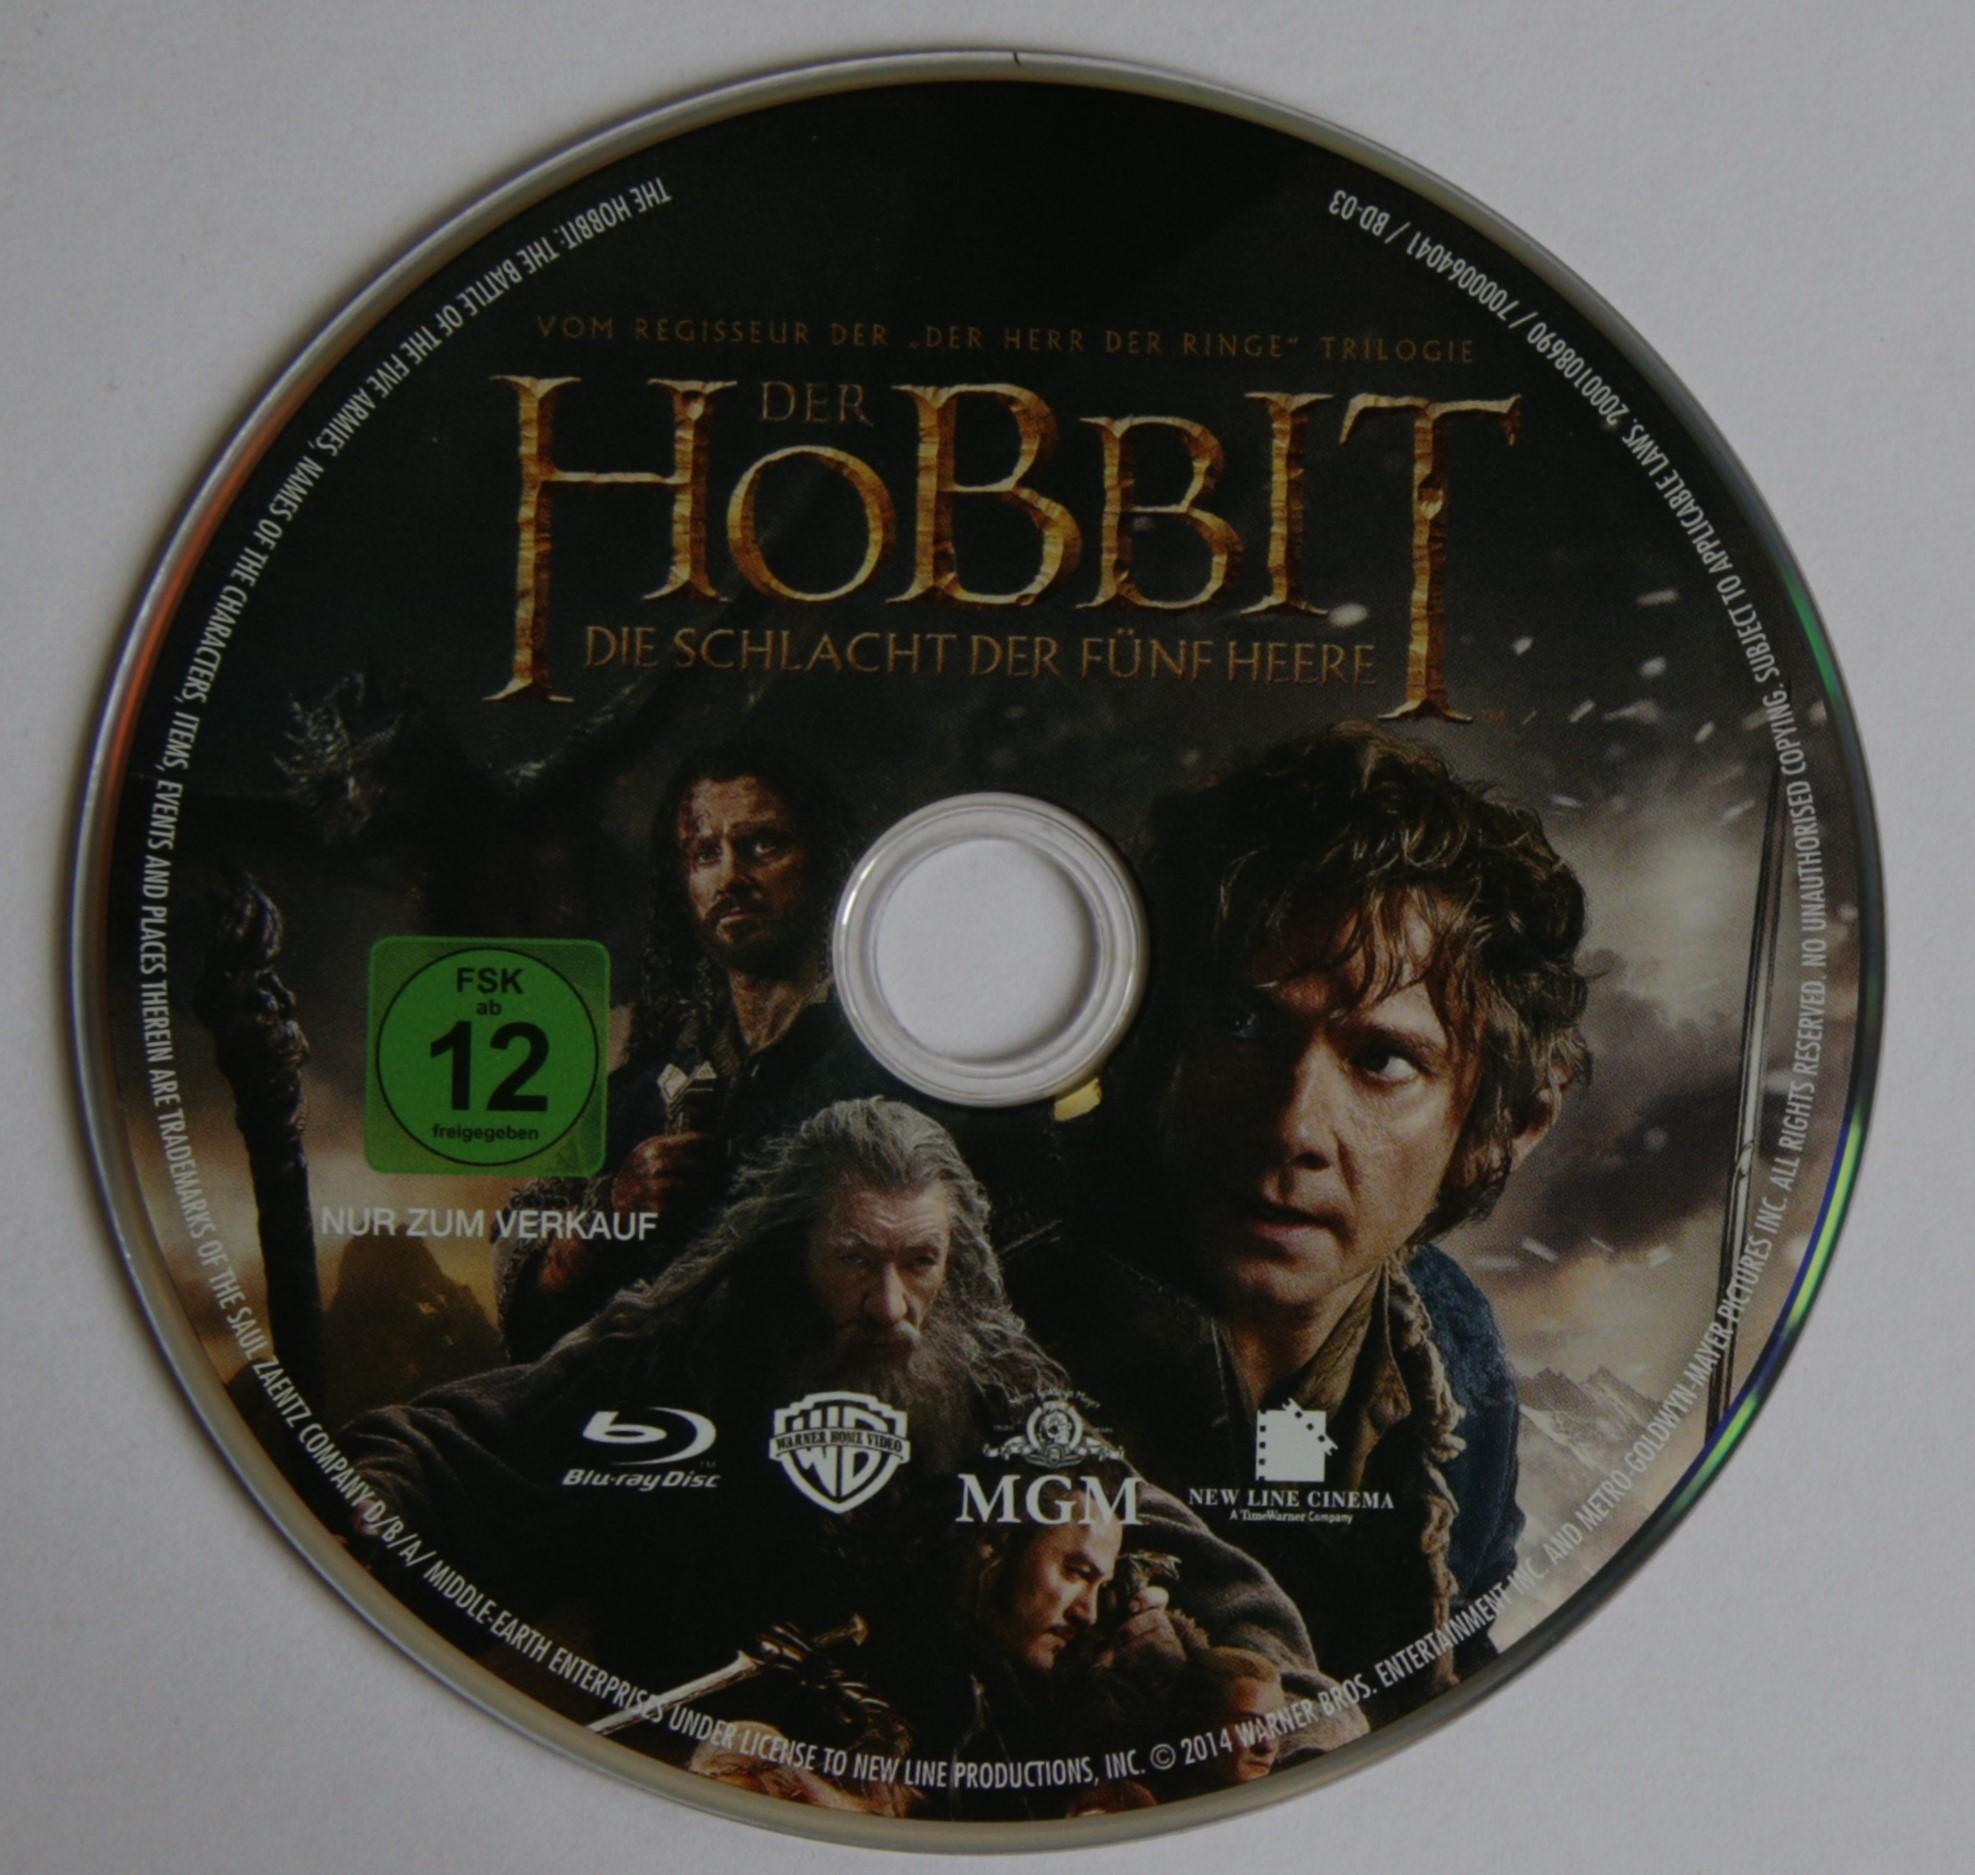 Der Hobbit Die Schlacht Der Fünf Heere Blu Ray Review Mein